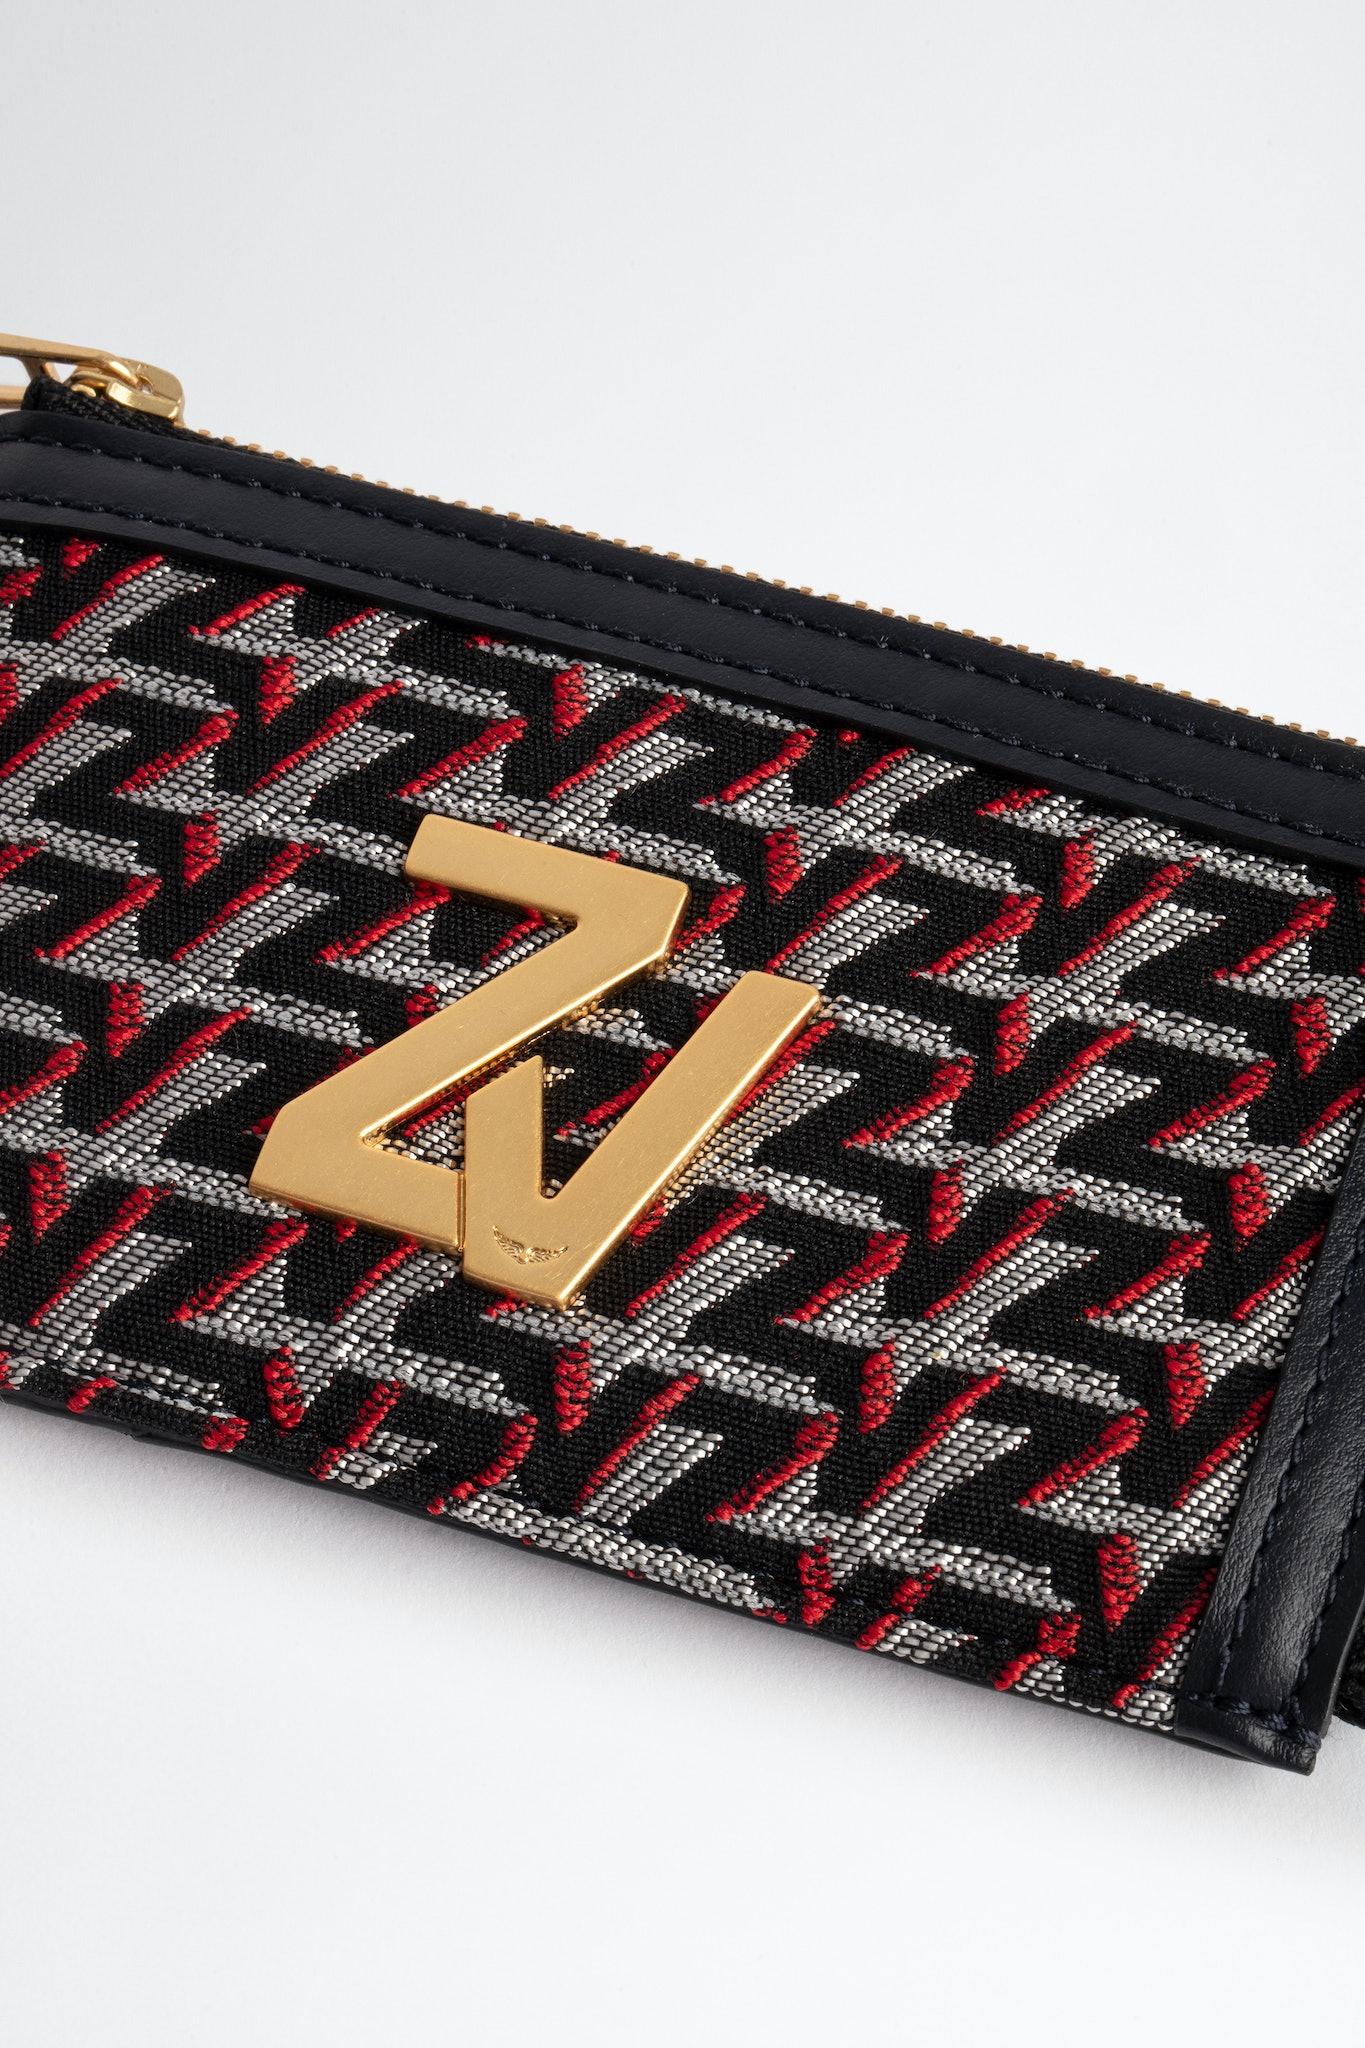 Portacarte ZV Initale Le Medium Monogram